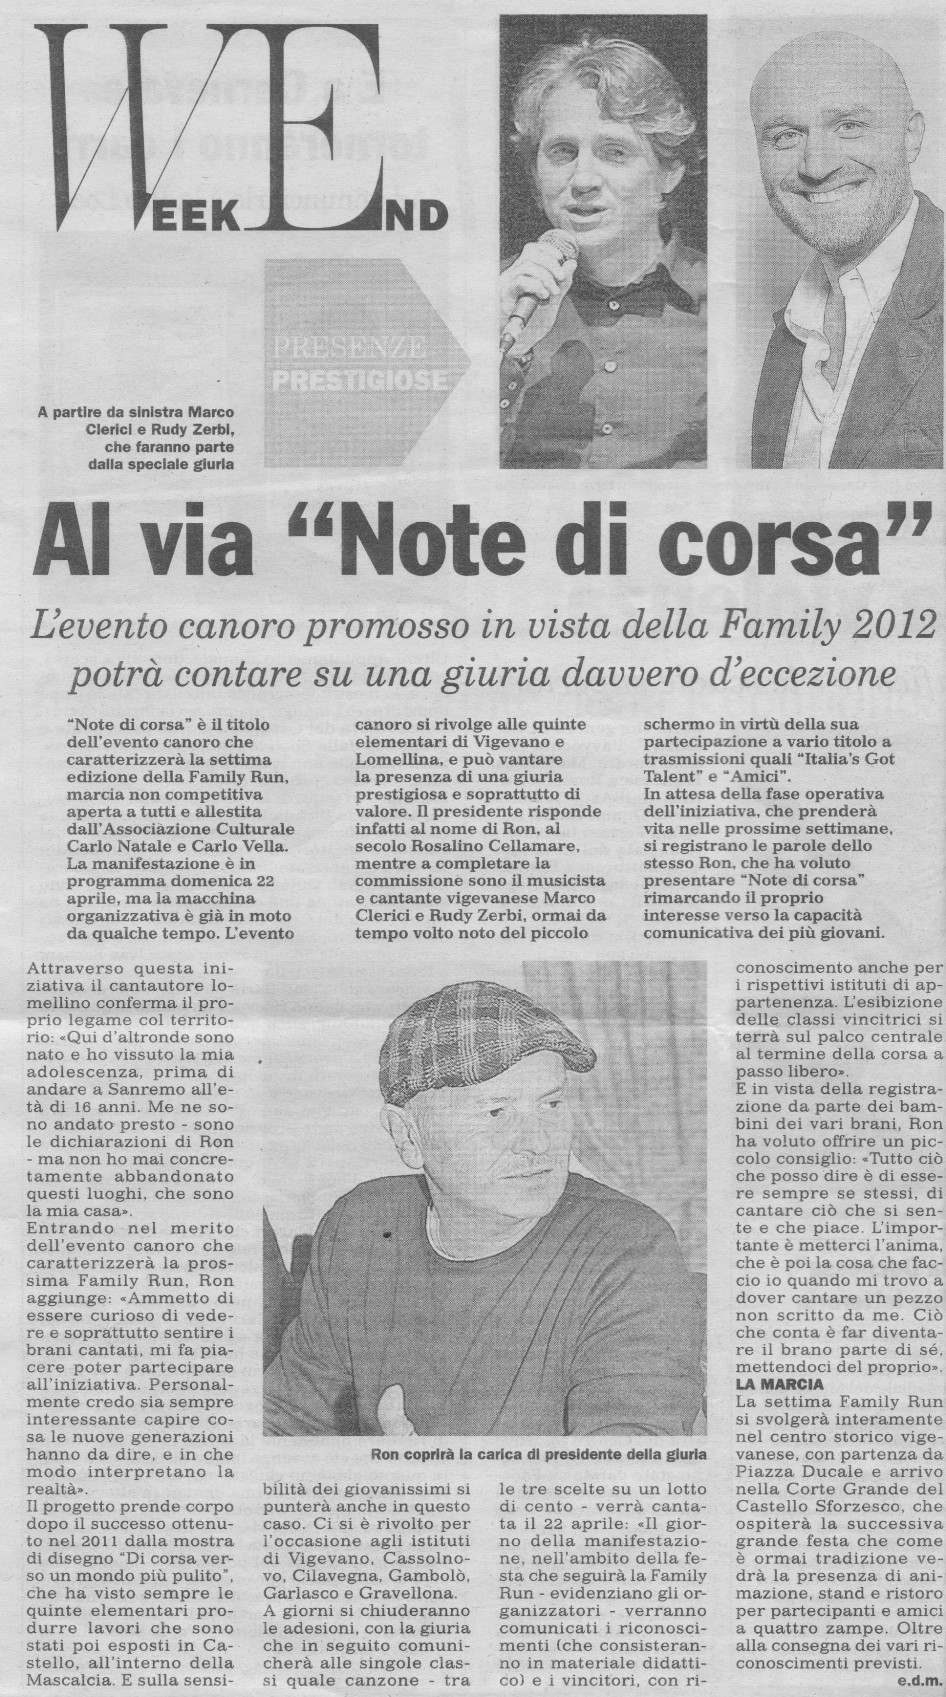 RON, Rudy Zerbi e Marco Clerici per Note di Corsa